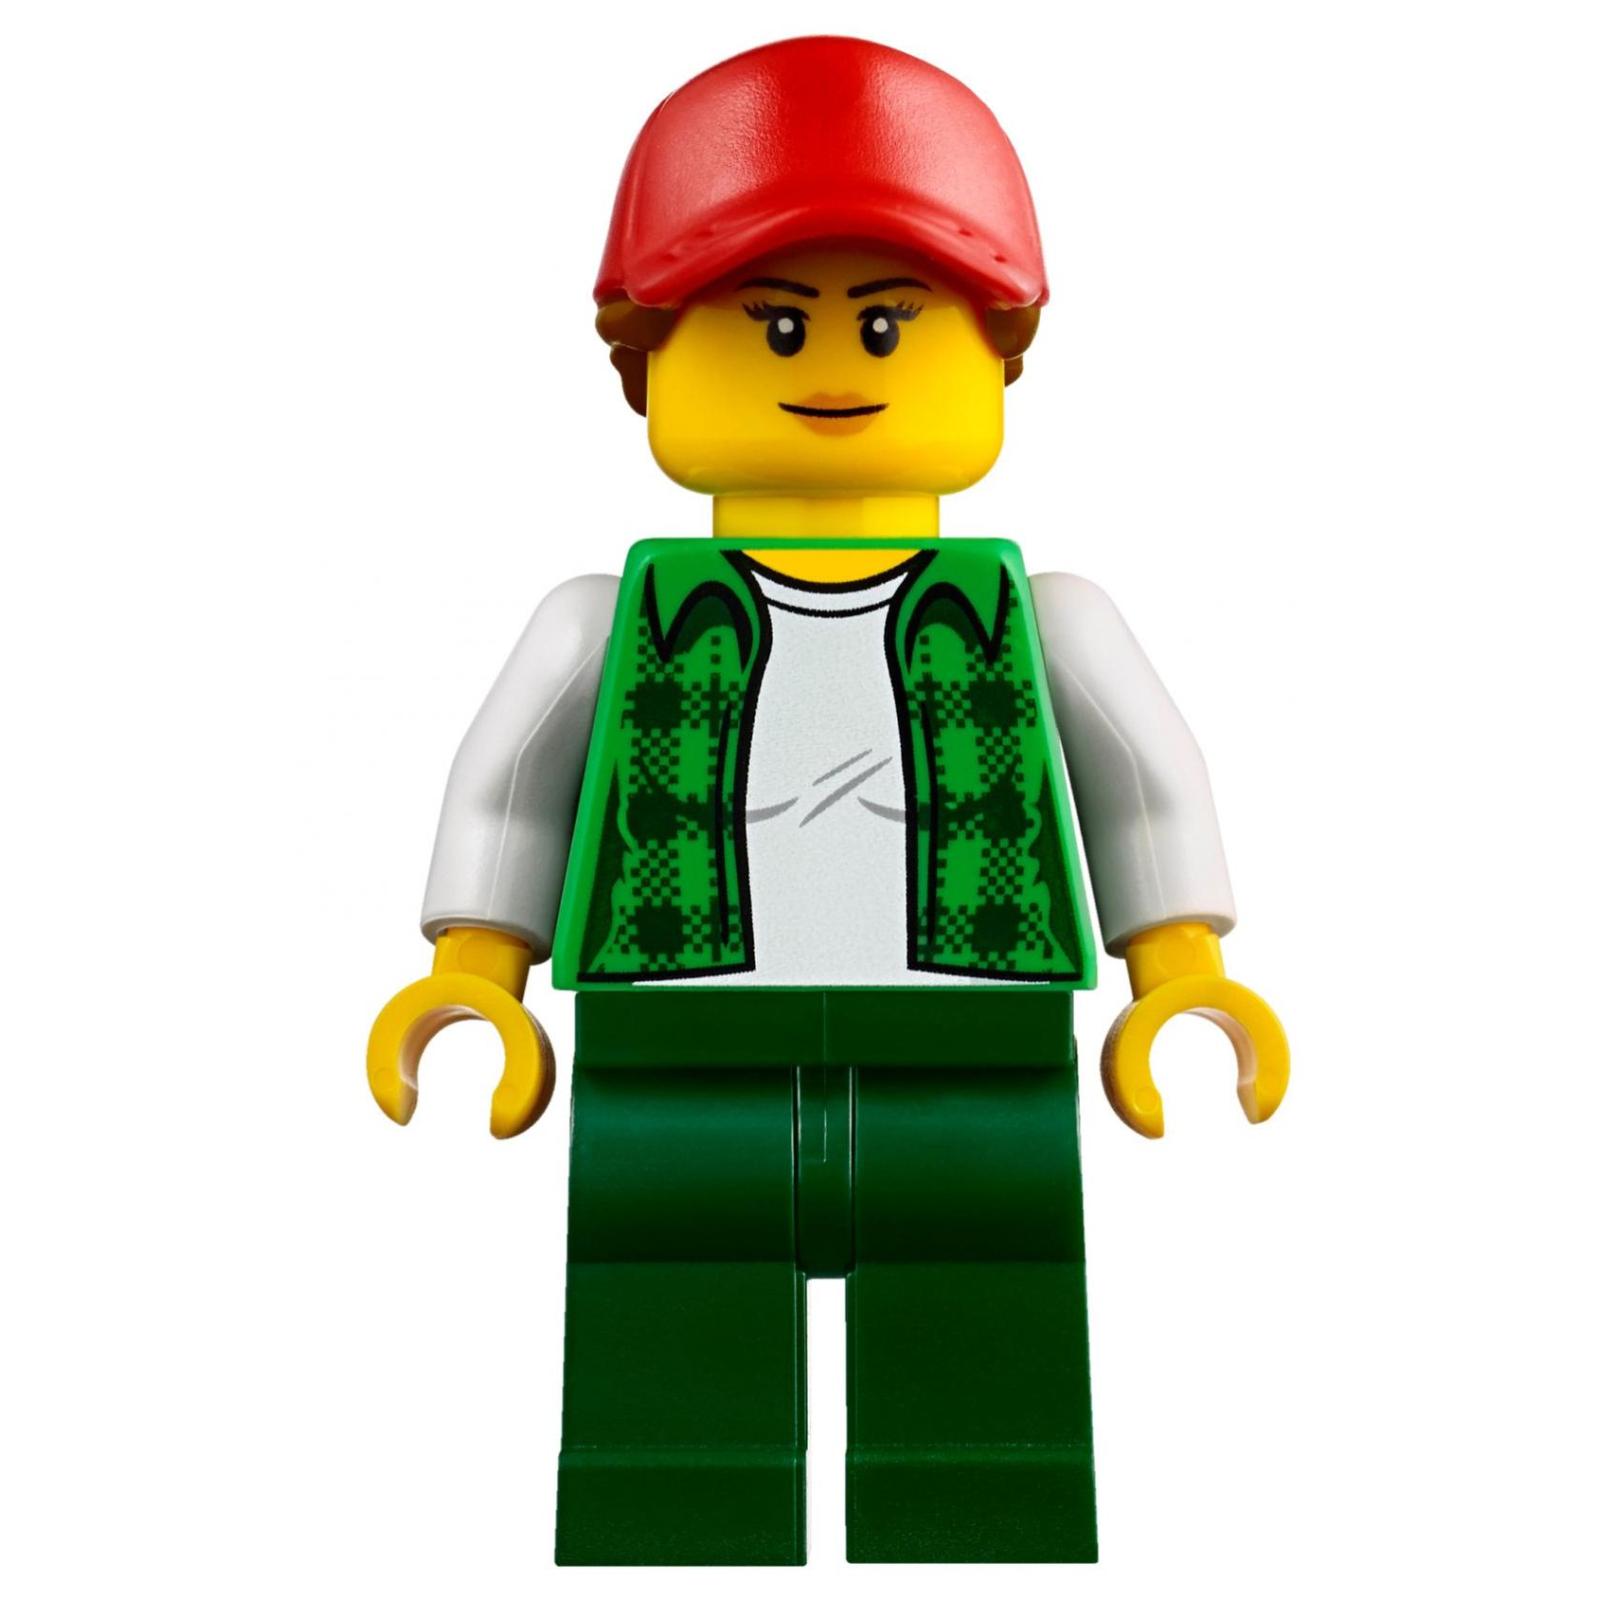 Конструктор LEGO City Перевозка тяжелых грузов (60183) изображение 12